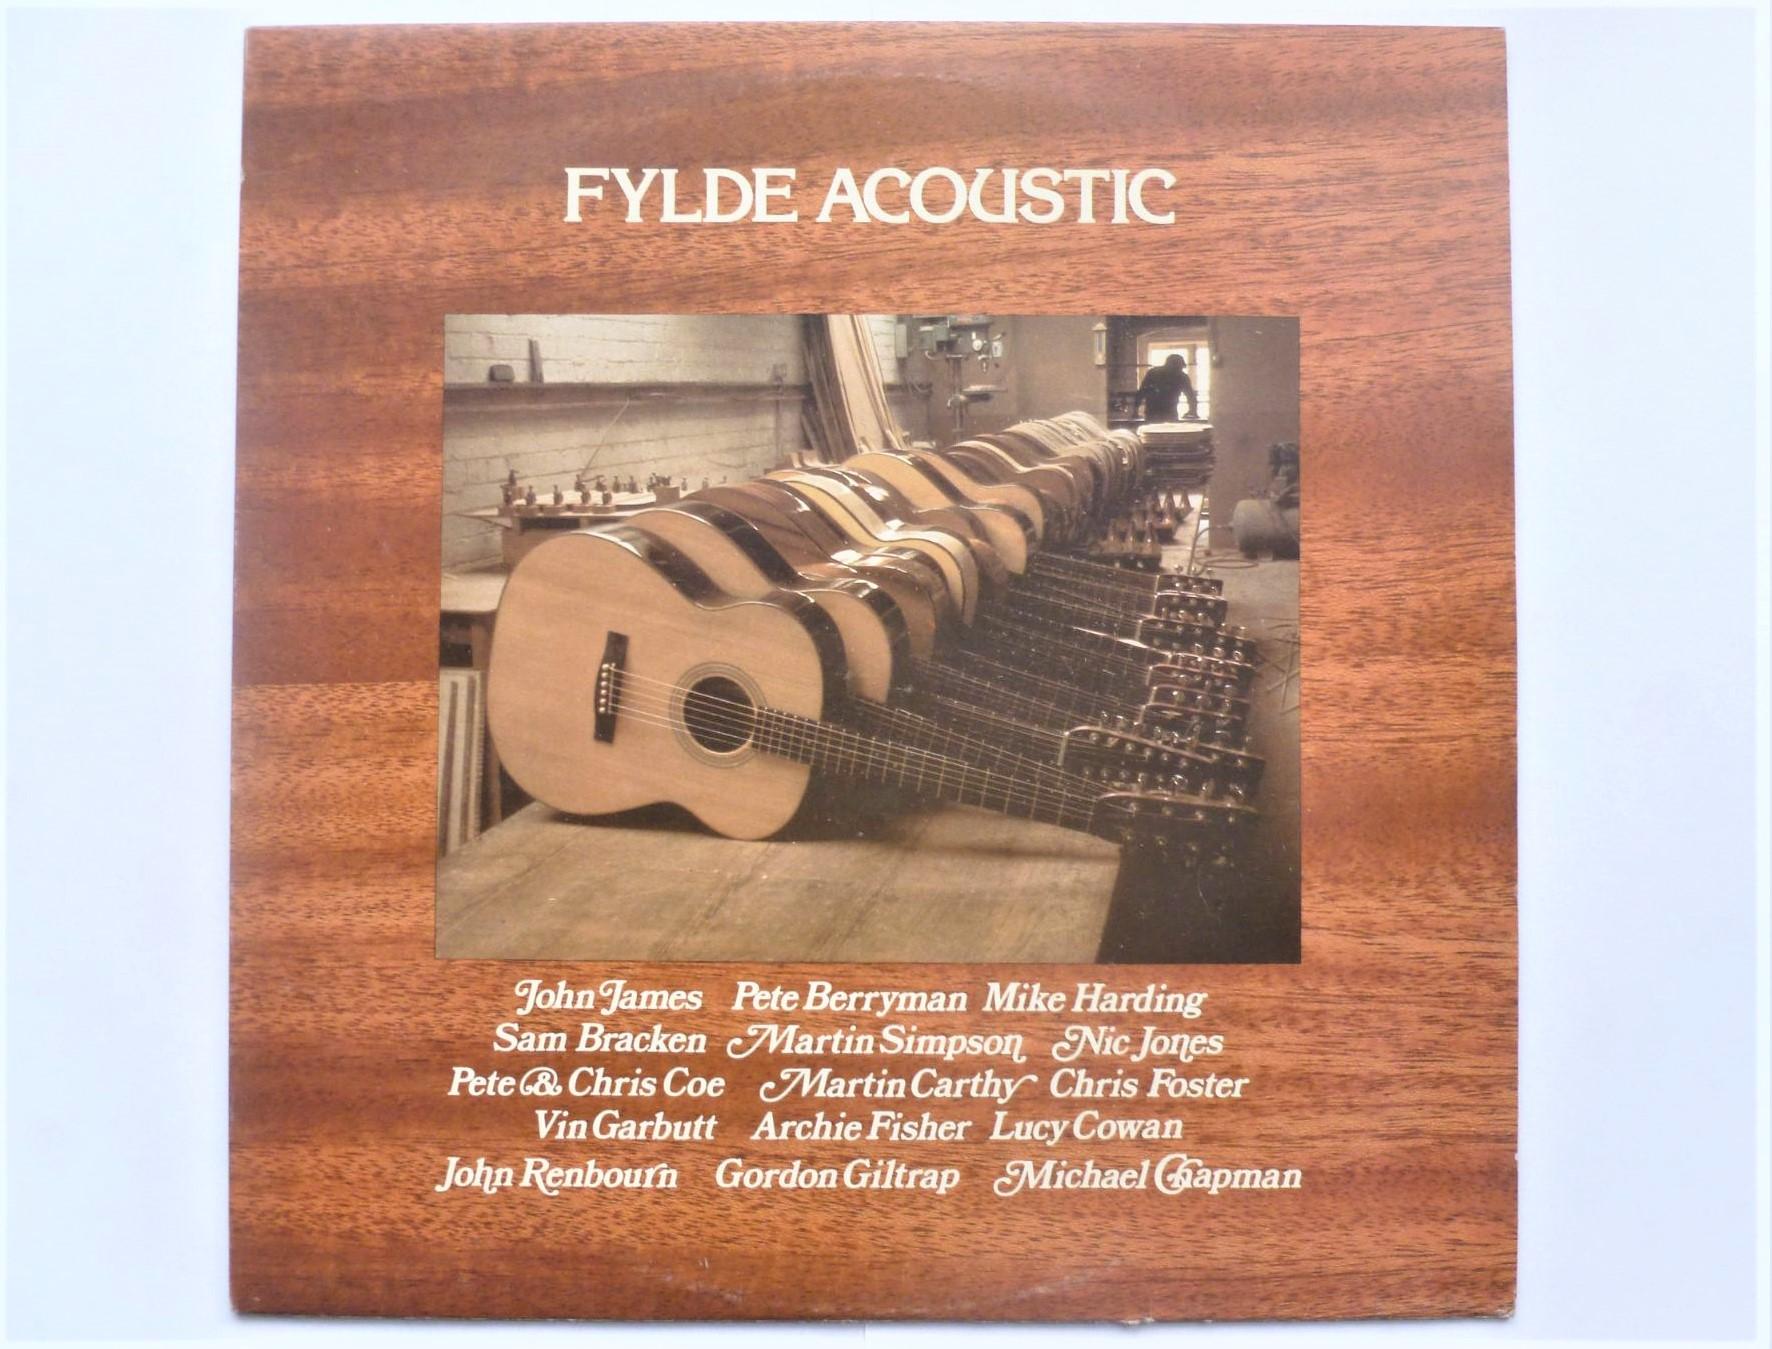 VARIOUS - Fylde Acoustic - LP